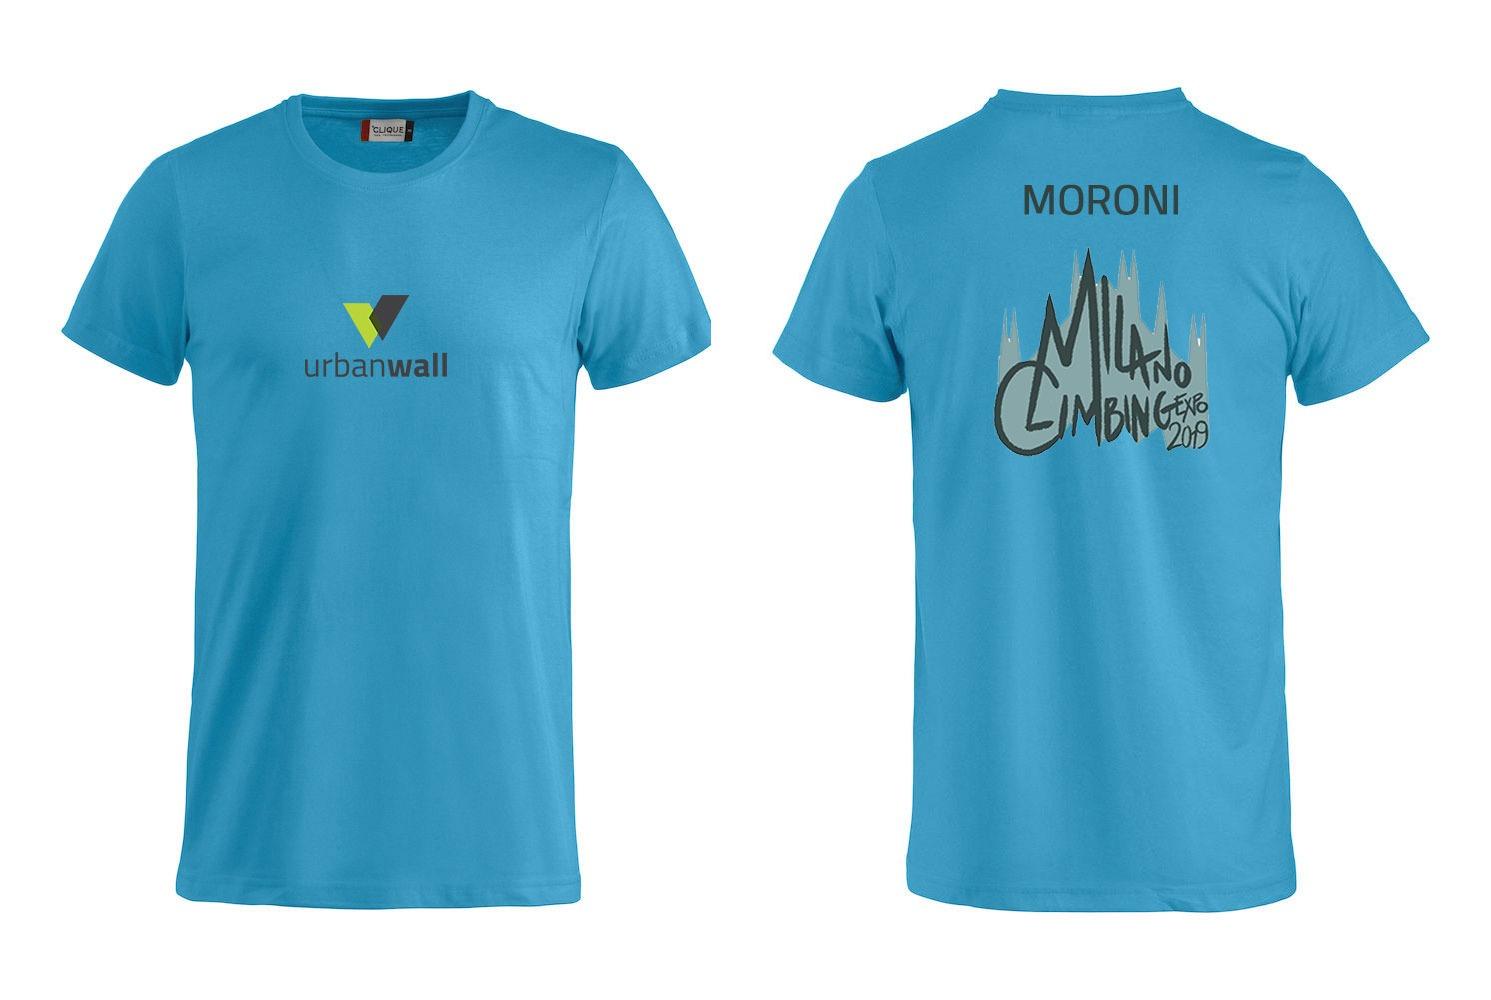 Milano Climbing Expo sostiene la Fondazione Lene Thun Onlus: anche tu puoi dare il tuo contributo!